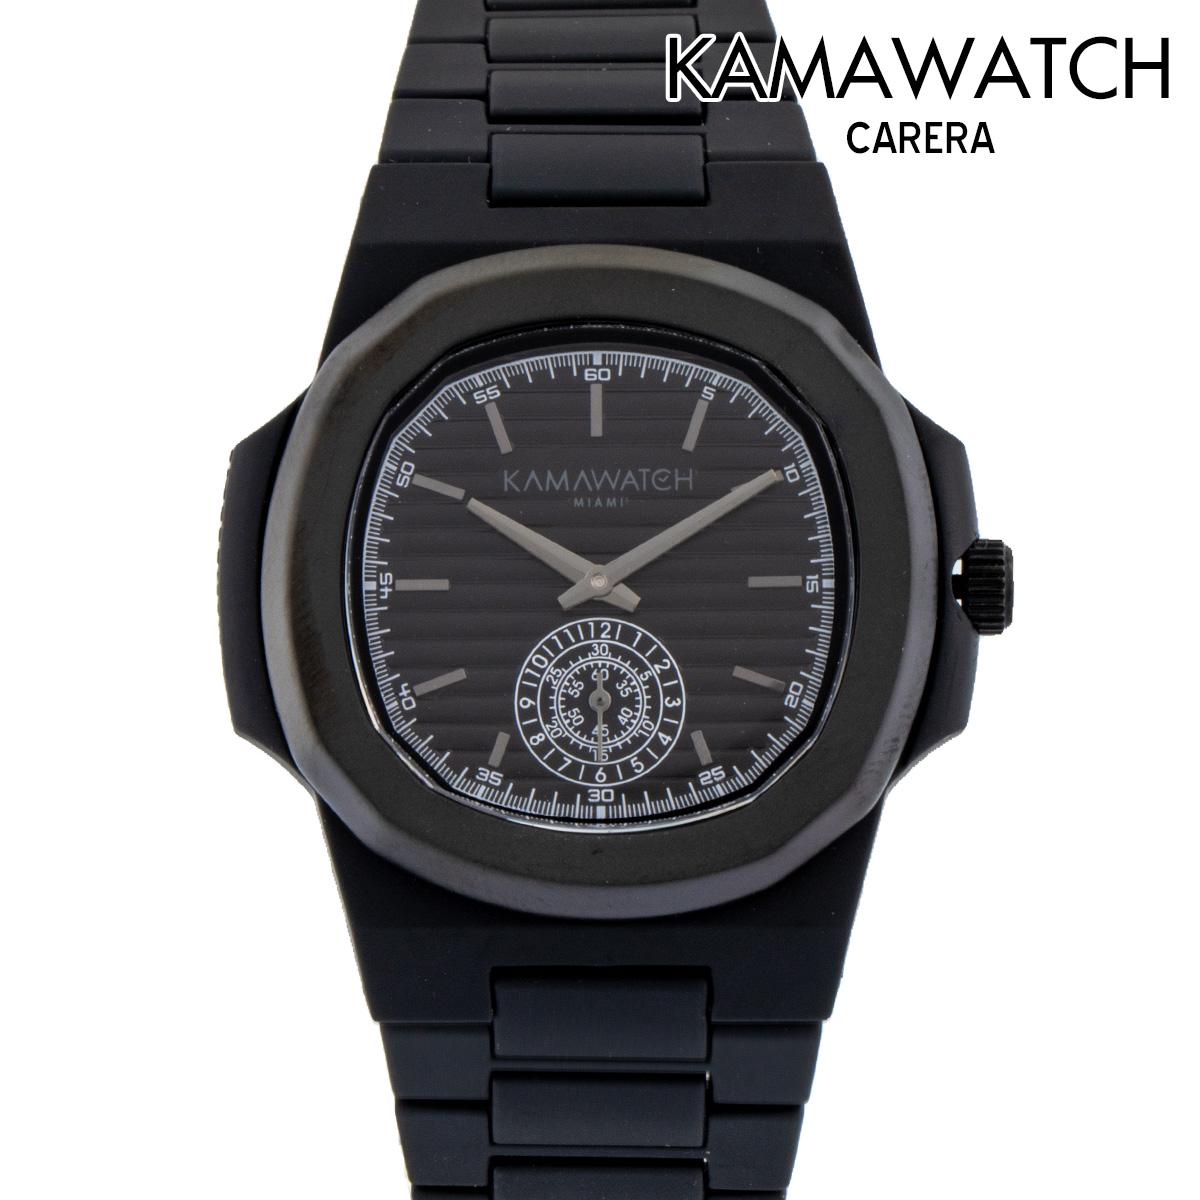 安い割引 KAMAWATCH カーマウォッチ カーマウォッチ 腕時計 CARERA KWPF28 KWPF28 腕時計, レインボーカフェ:868d3c8e --- rishitms.com